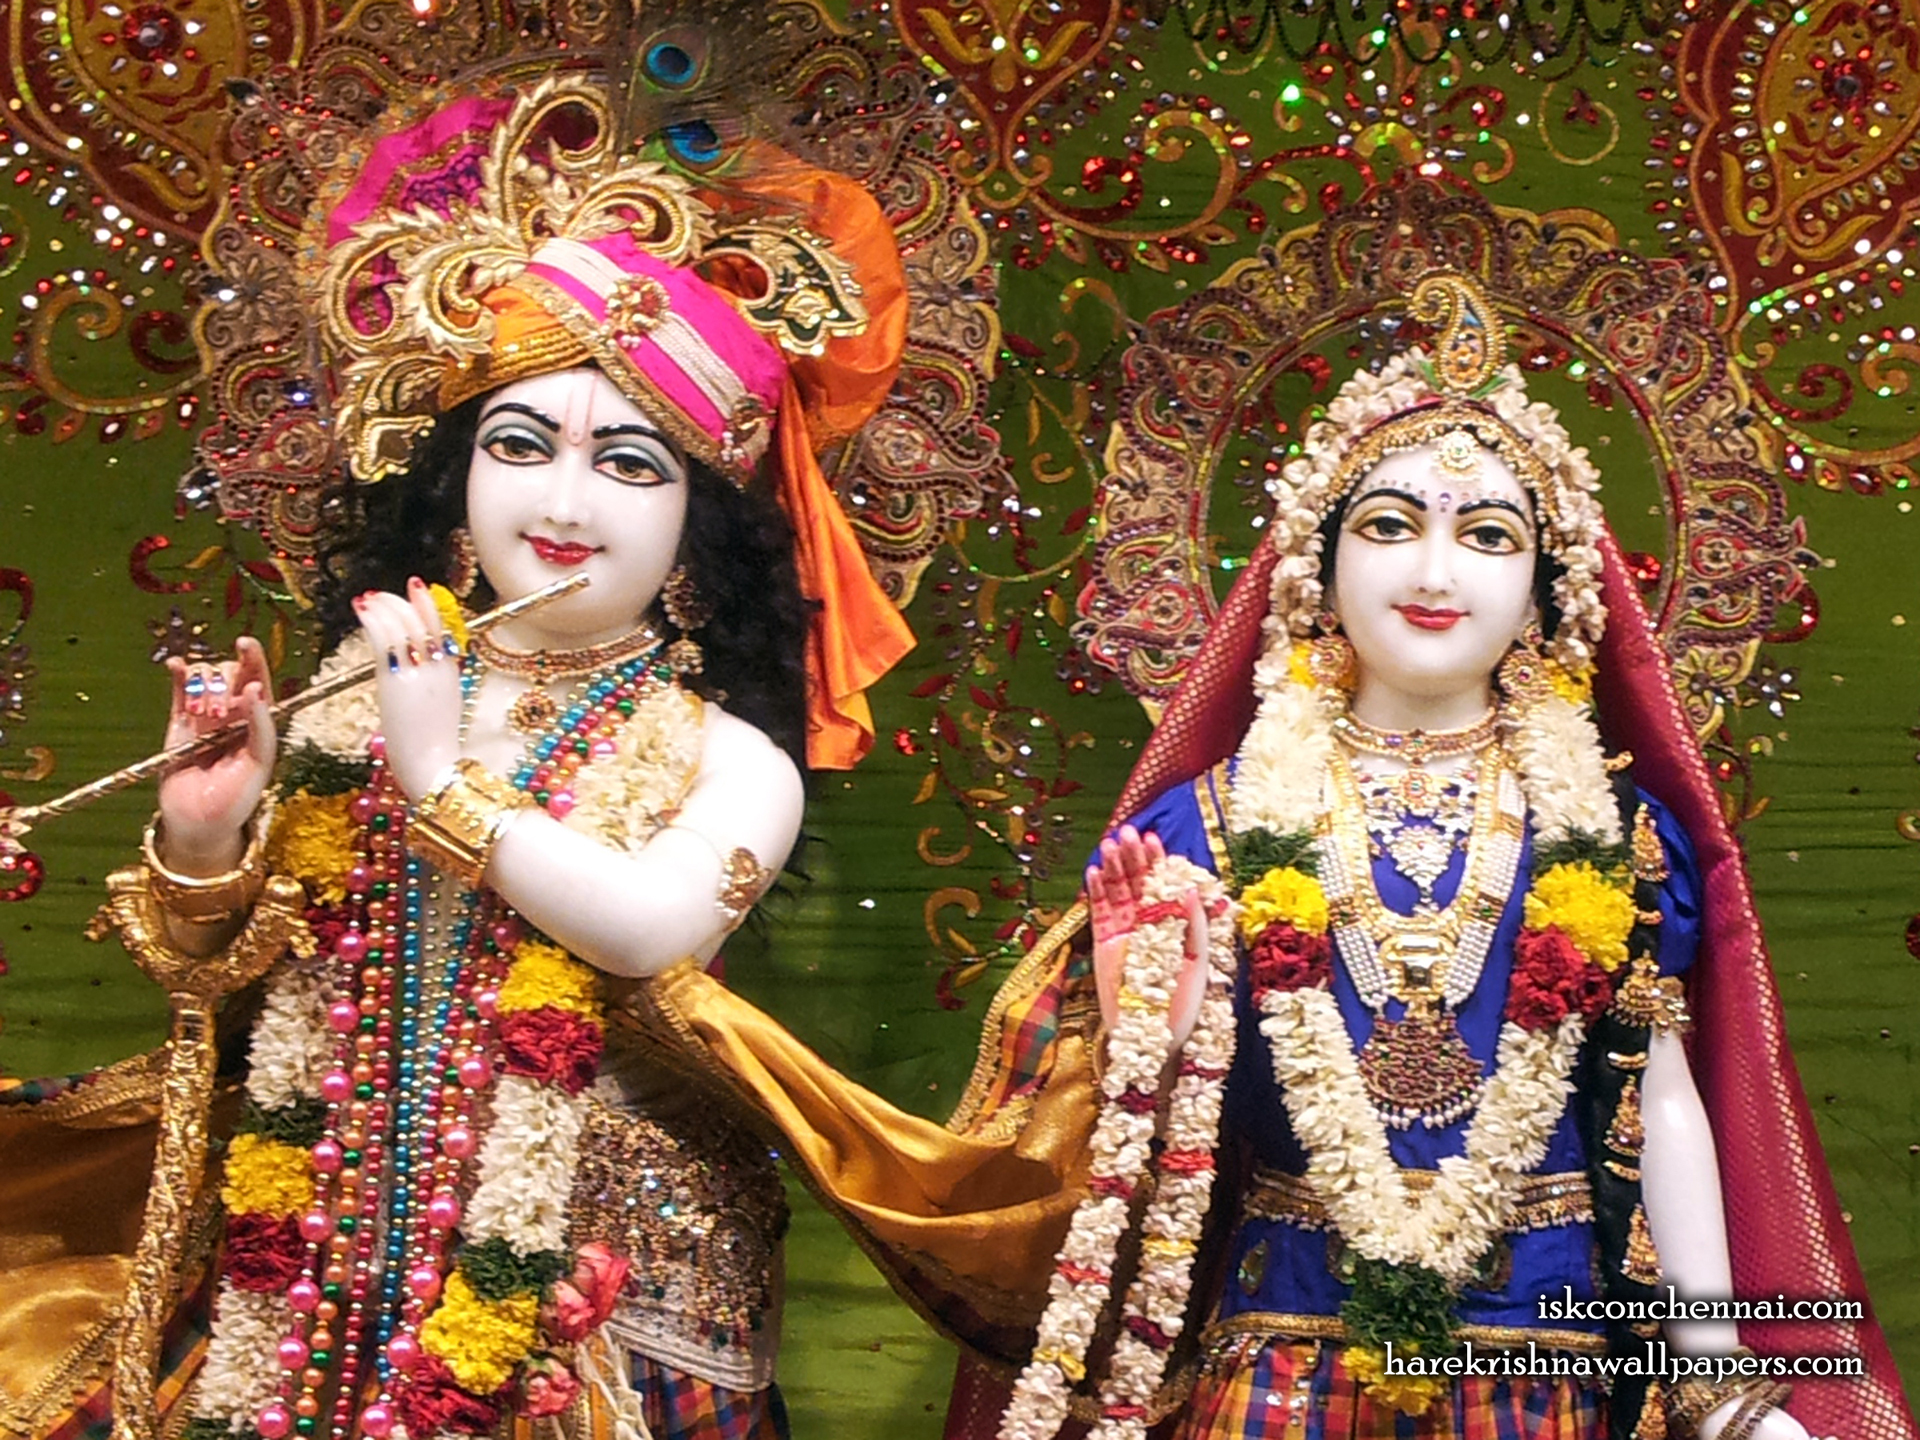 Sri Sri Radha Krishna Close up Wallpaper (006) Size 1920x1440 Download